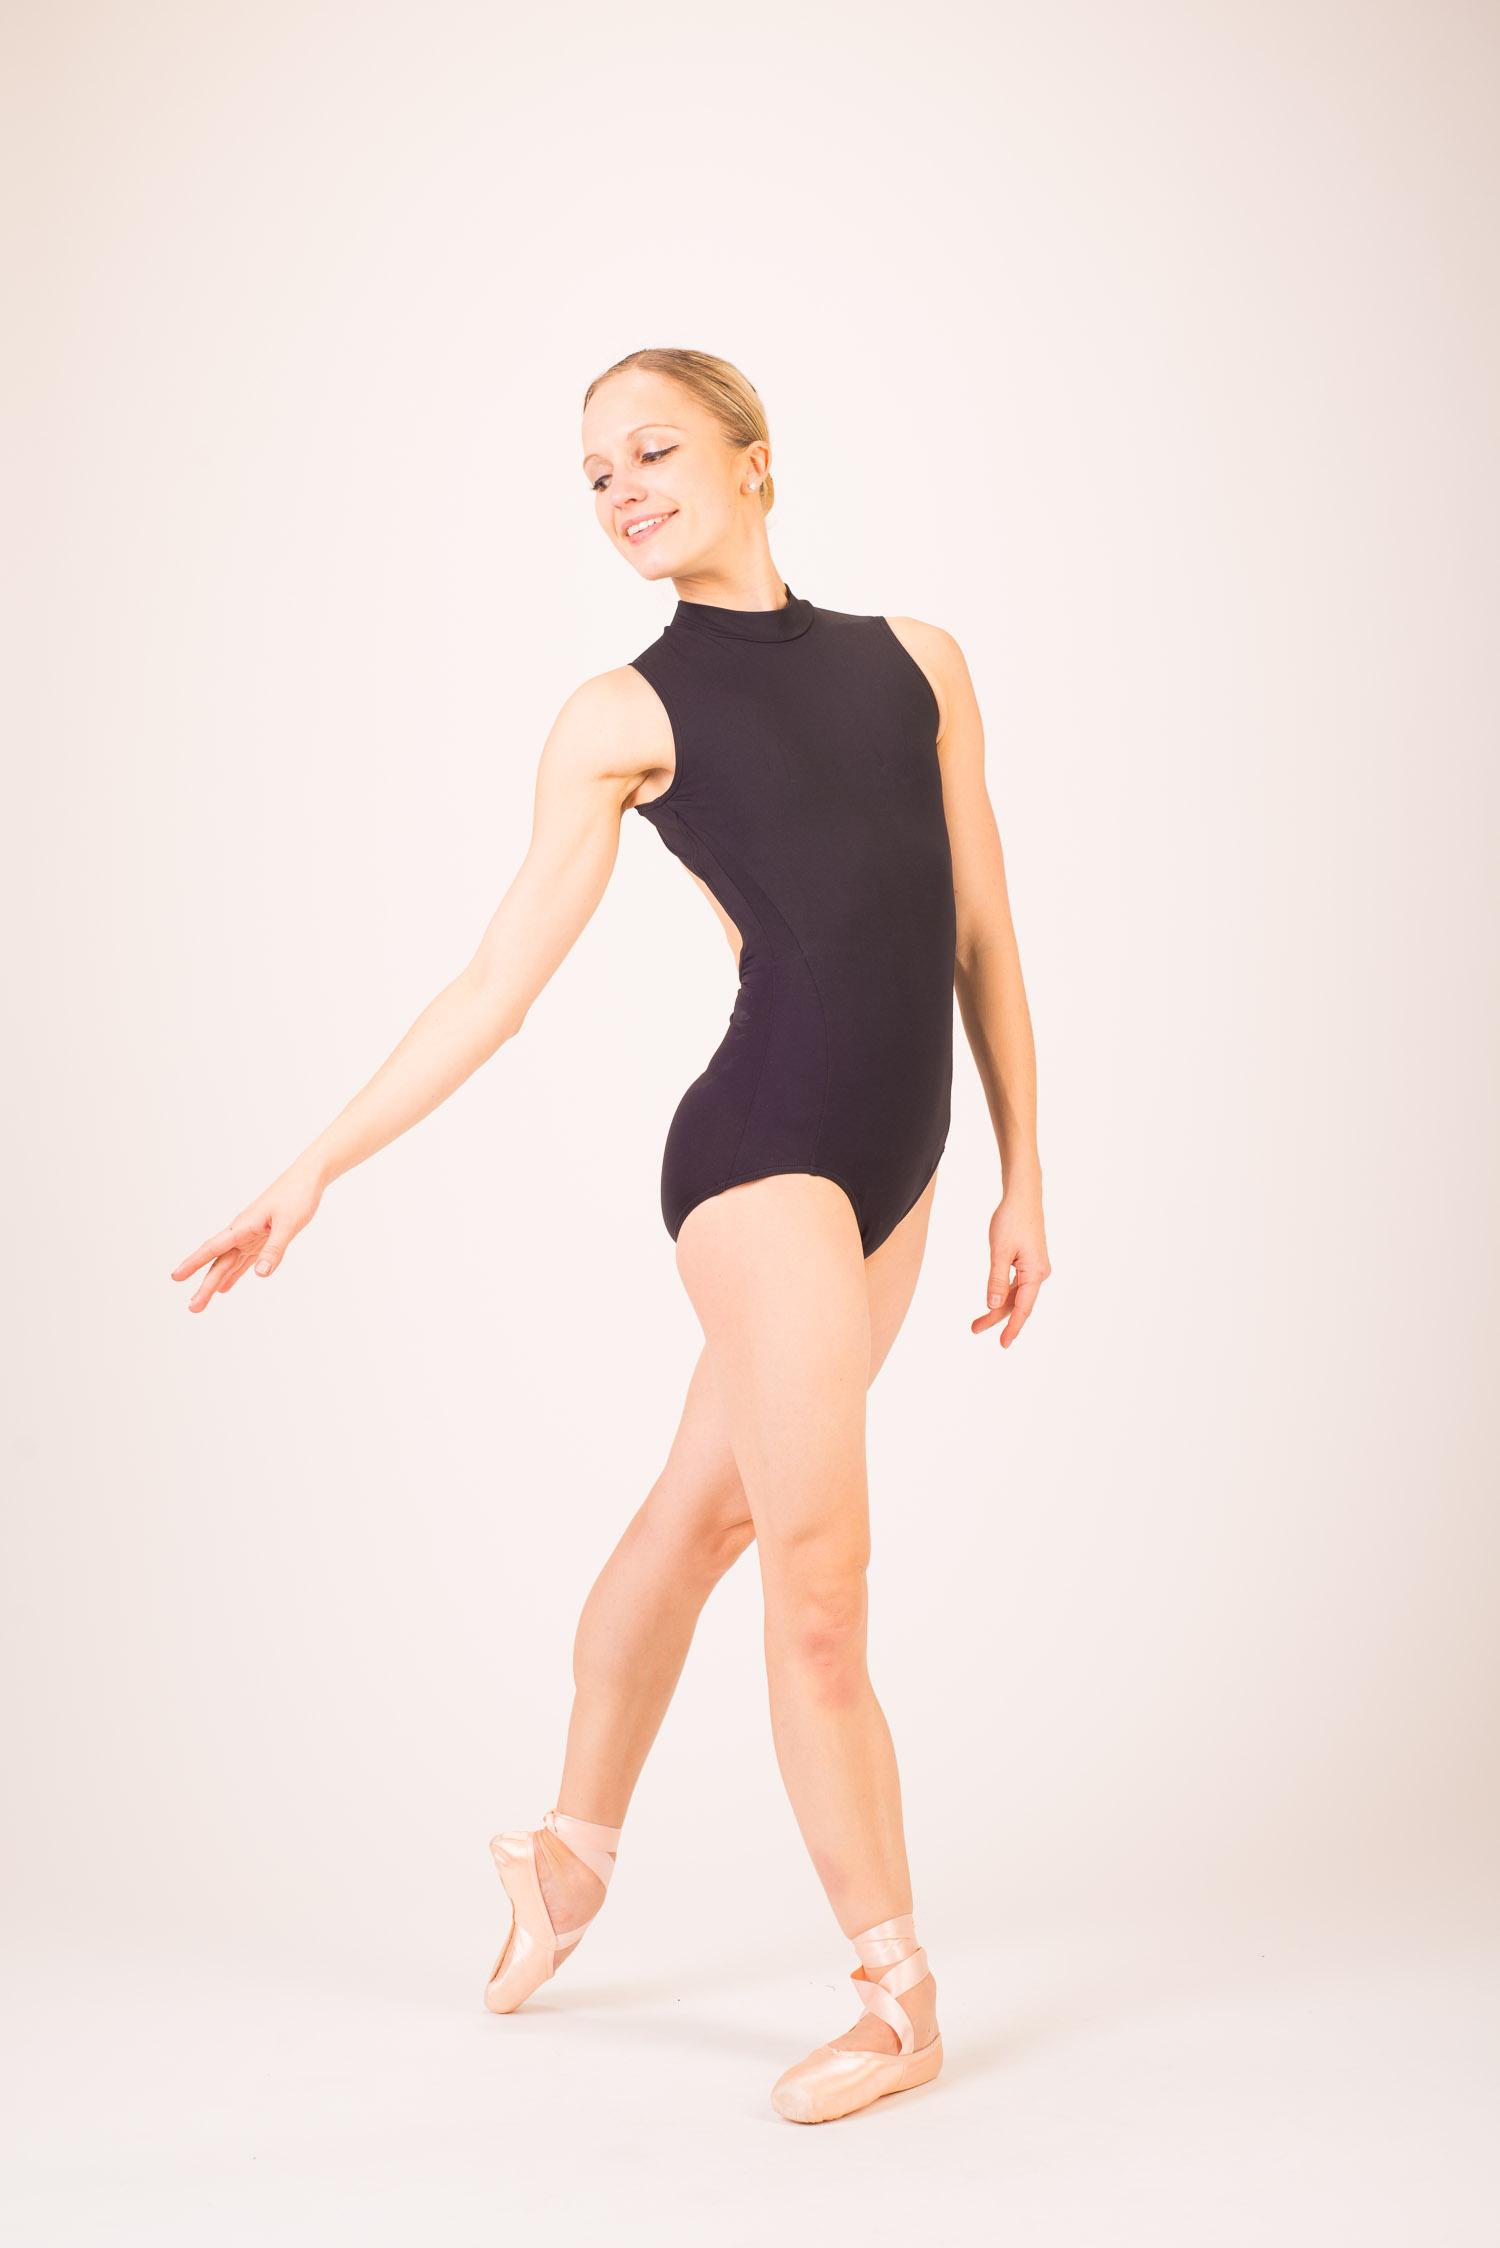 Justaucorps danse femme noir toutes couleurs et tailles ... 2f7b0e4923c